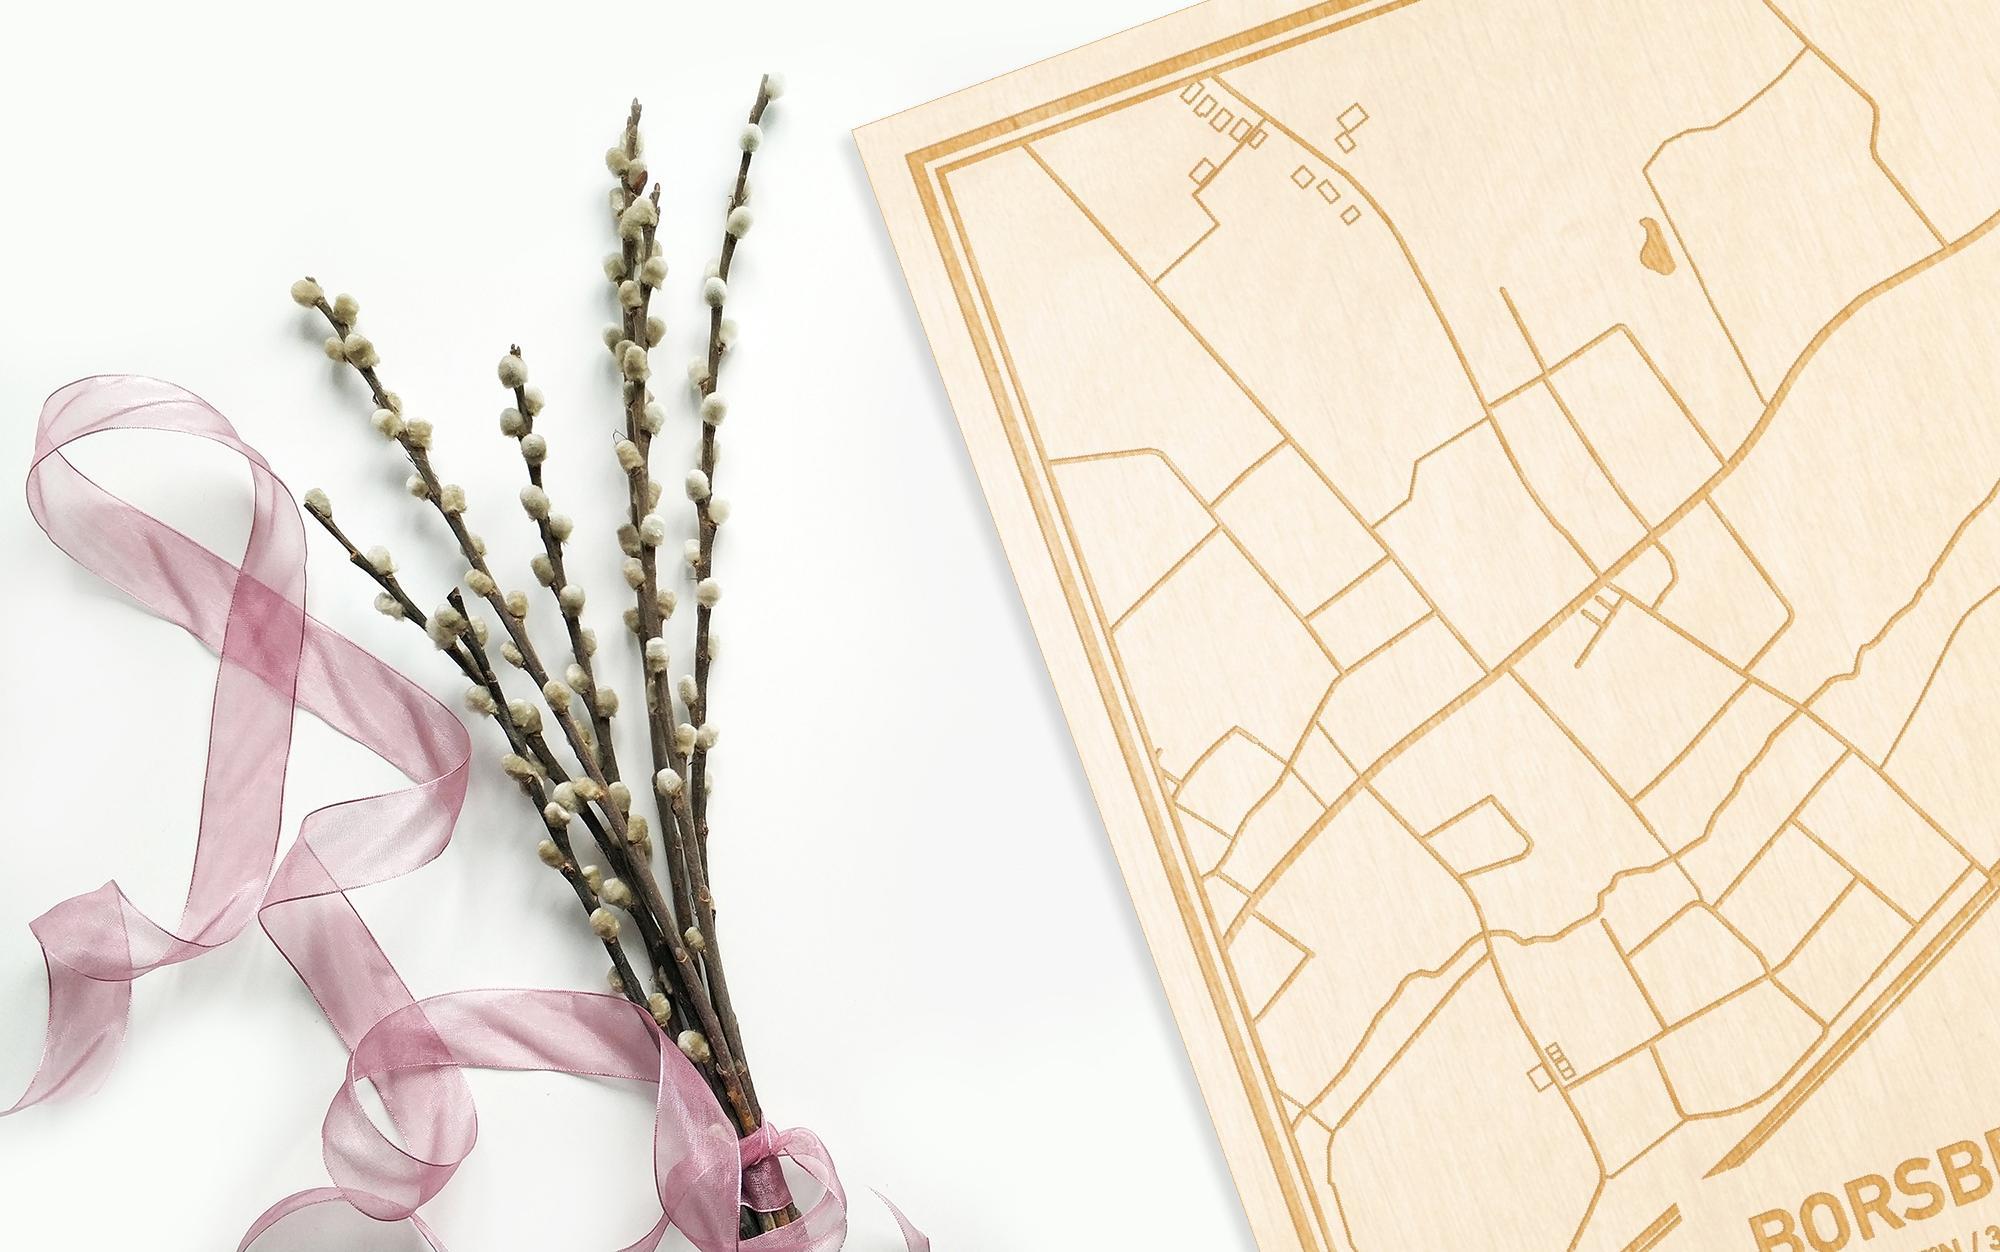 Hier ligt de houten plattegrond Borsbeke naast een bloemetje als gepersonaliseerd cadeau voor haar.